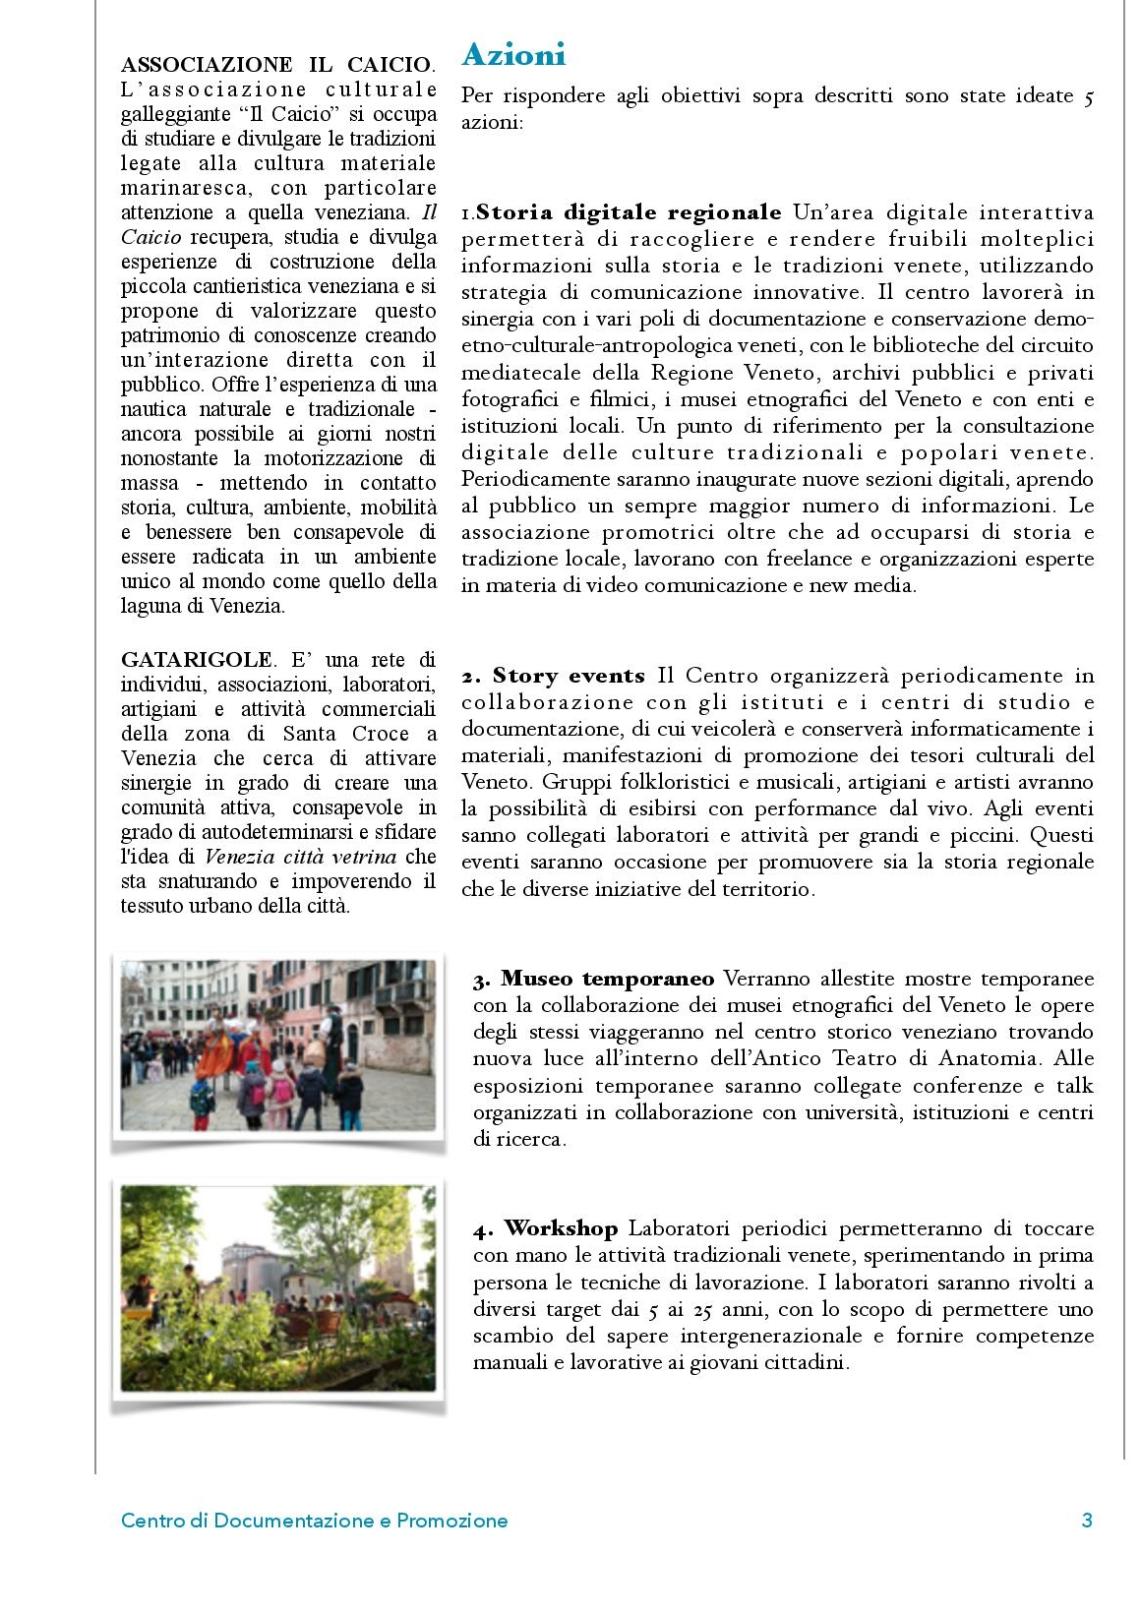 Progetto 2015 Centro di Documentazione e Promozione - Antico Teatro di Anatomia-page-003